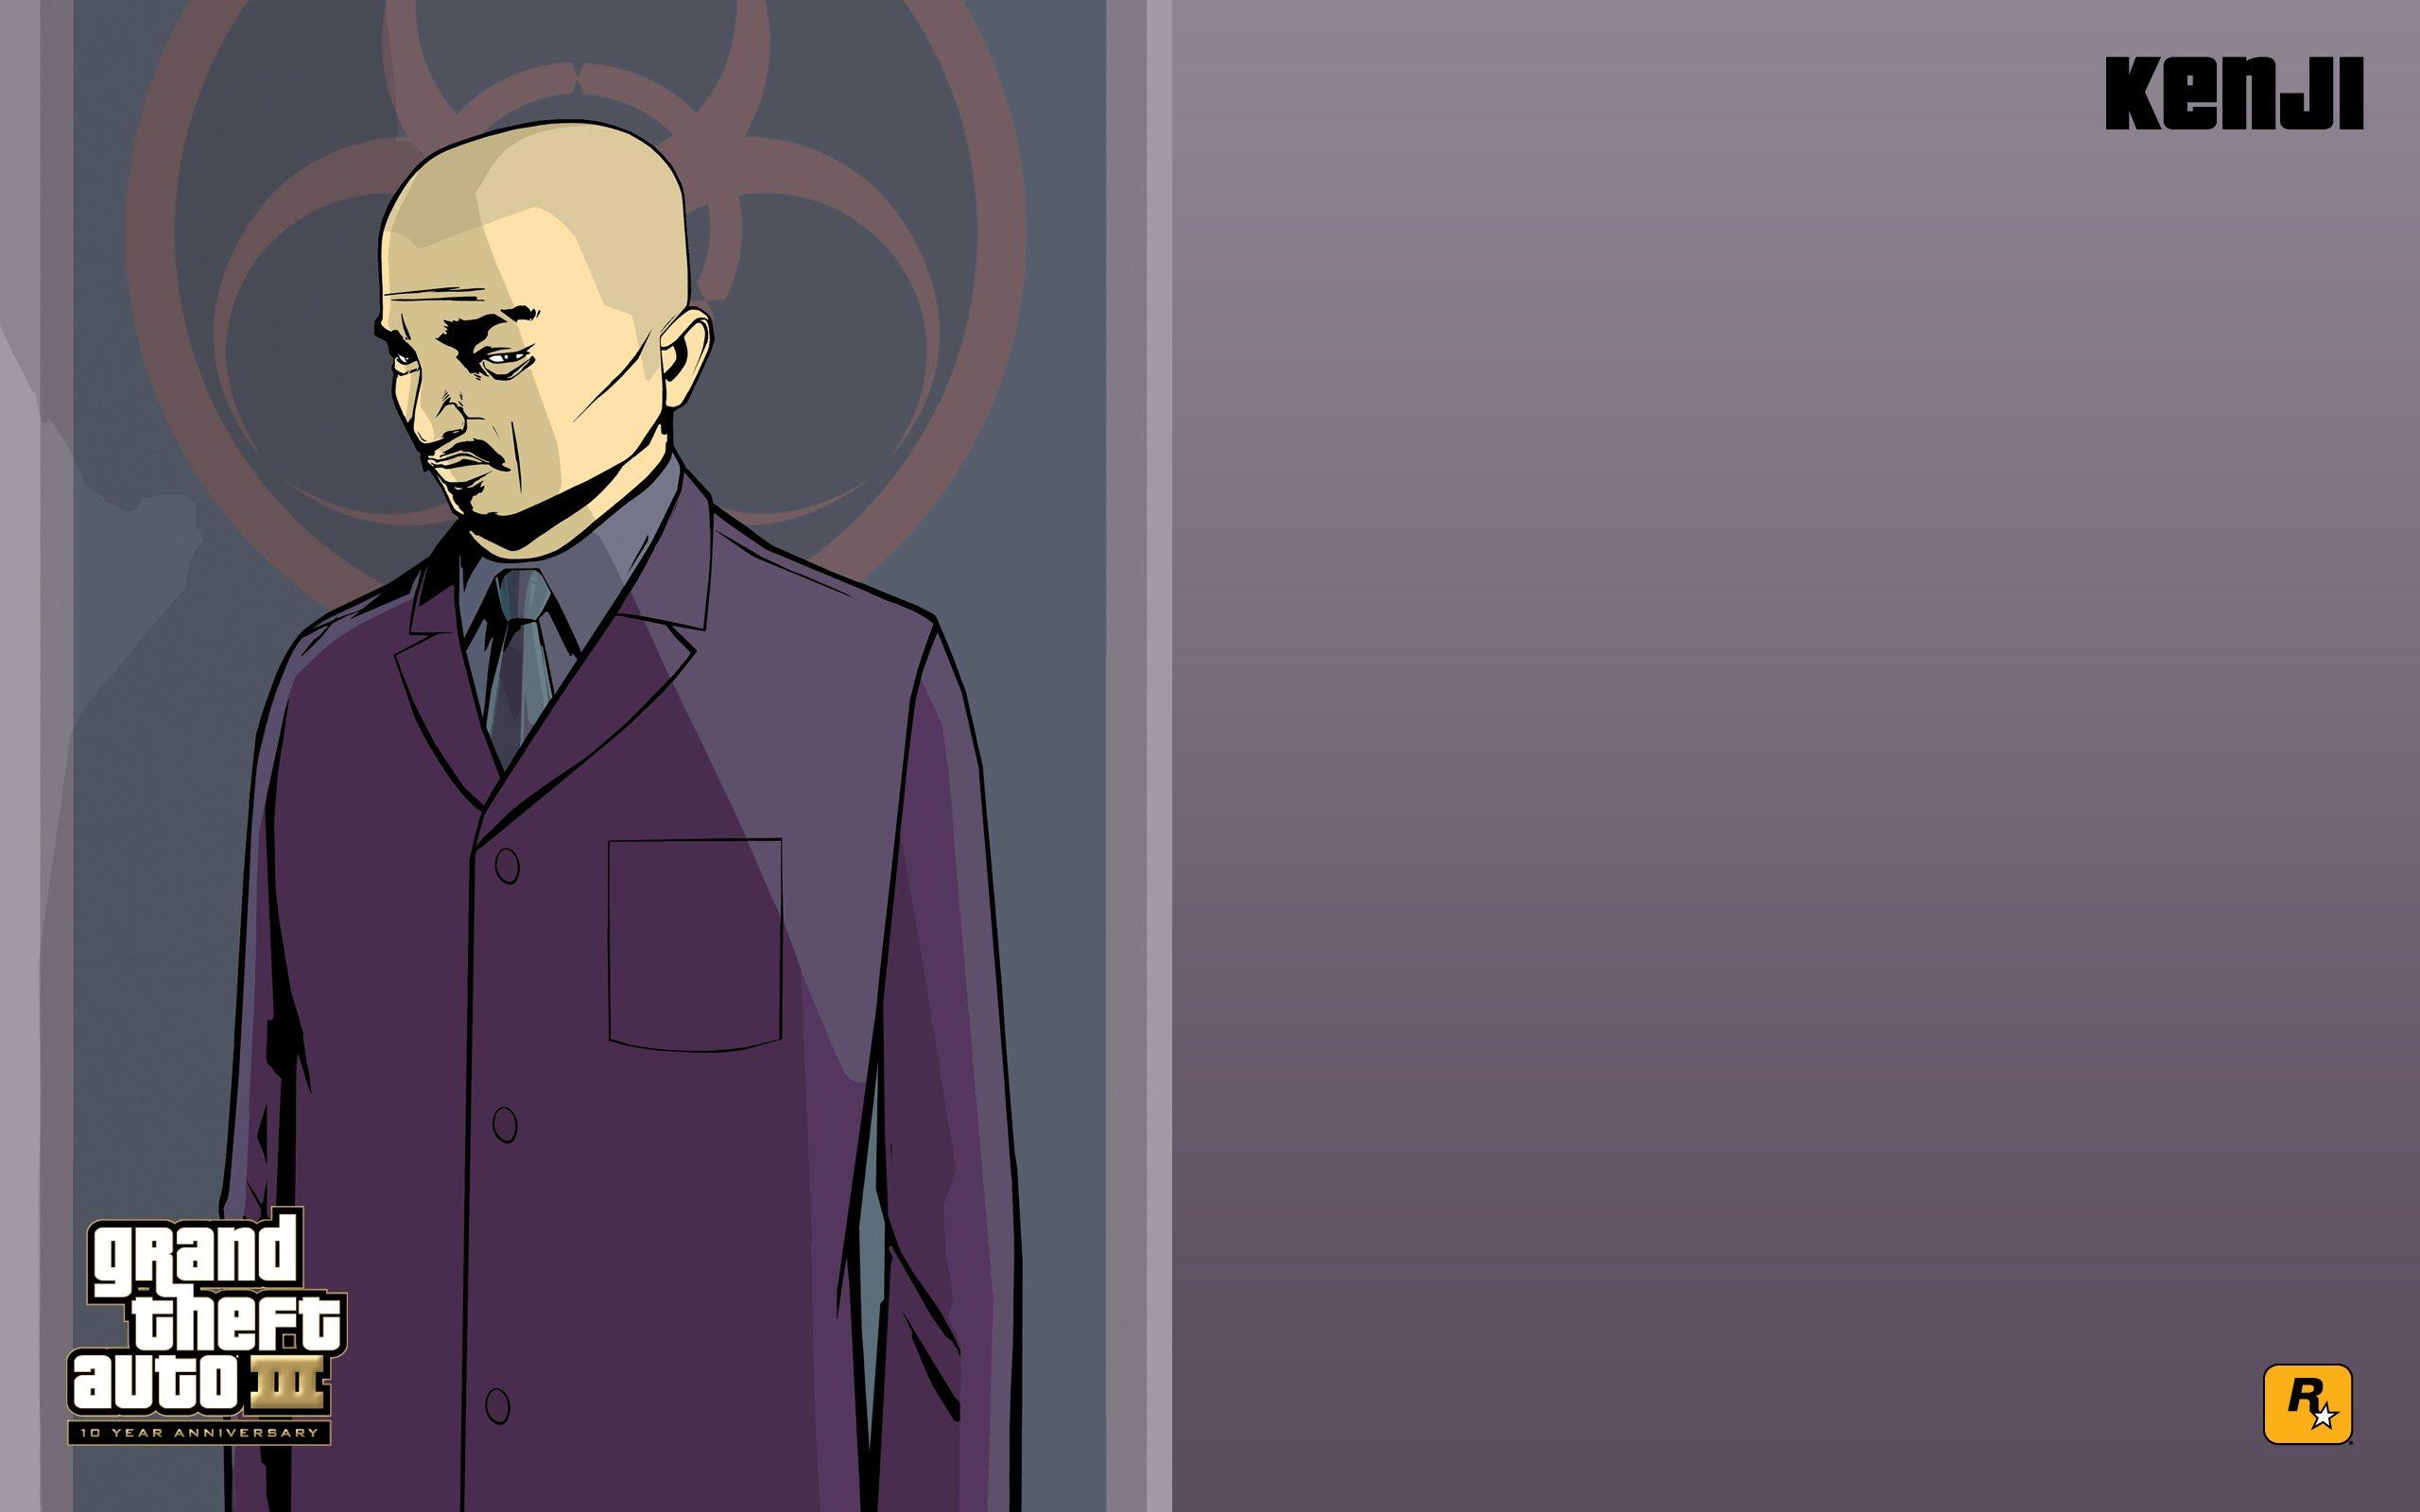 Gta Grand Theft Auto Iii Kenji Wallpaper 2560x1600 474260